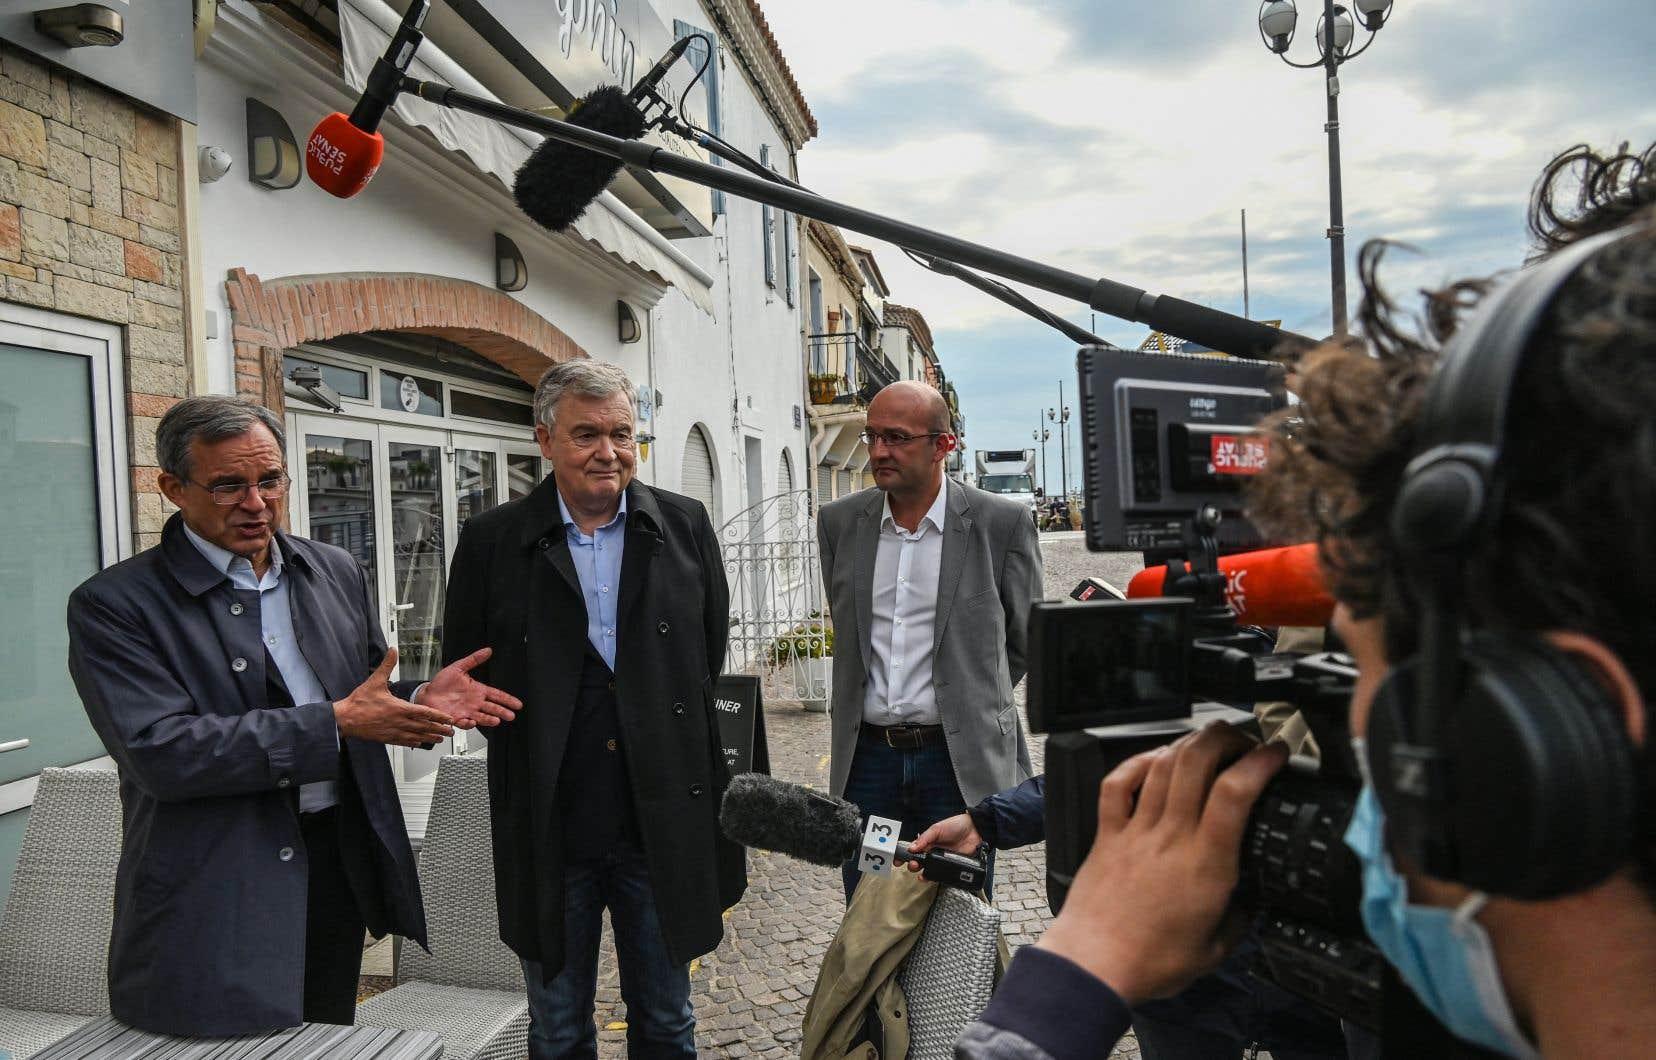 Les candidats du RN aux élections régionales  Thierry Mariani (à gauche), Jean-Paul  Garraud (au  centre) et  Frédéric Bort  (à droite), lors d'une visite  de terrain en Occitanie. Dans sa région, en Provence-Alpes-Côte d'Azur,  Mariani est en avance dans les intentions de  vote, selon tous les sondages.